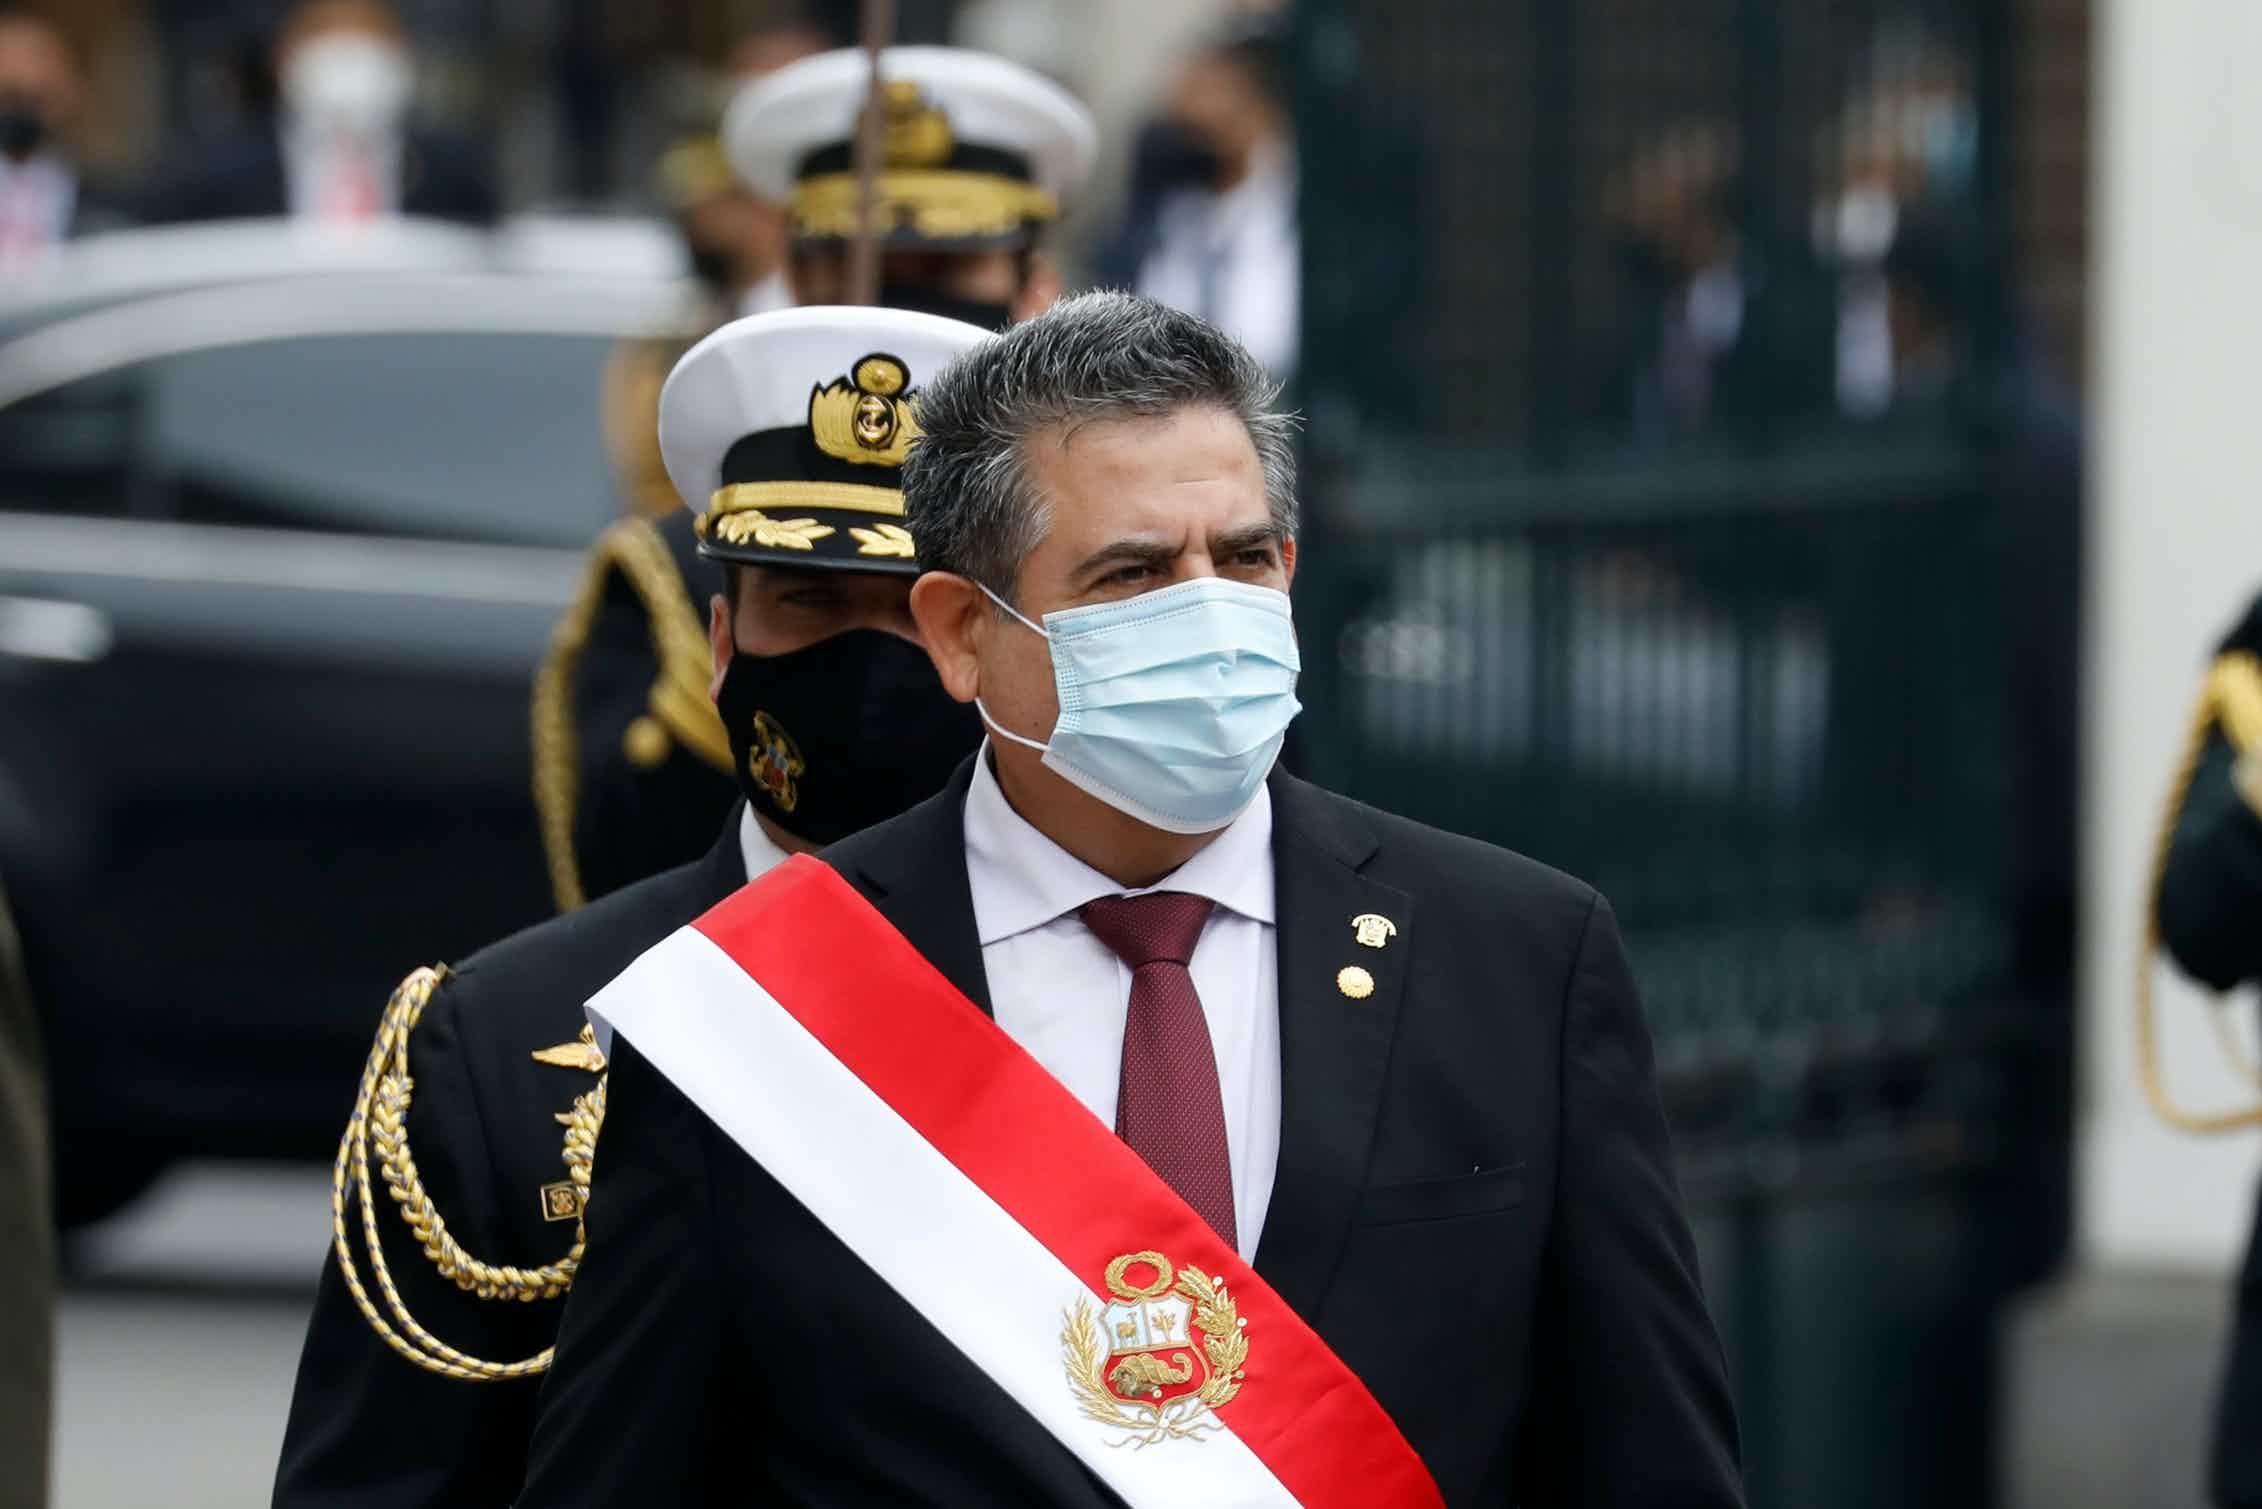 El ahora presidente dimisionario de Perú, Manuel Merino, saliendo fuera del edificio del Congreso tras jurar como presidente de Perú, en sustitución de Martín Vizcarra, el 10 de noviembre de 2020.Shutterstock / mbzfotos